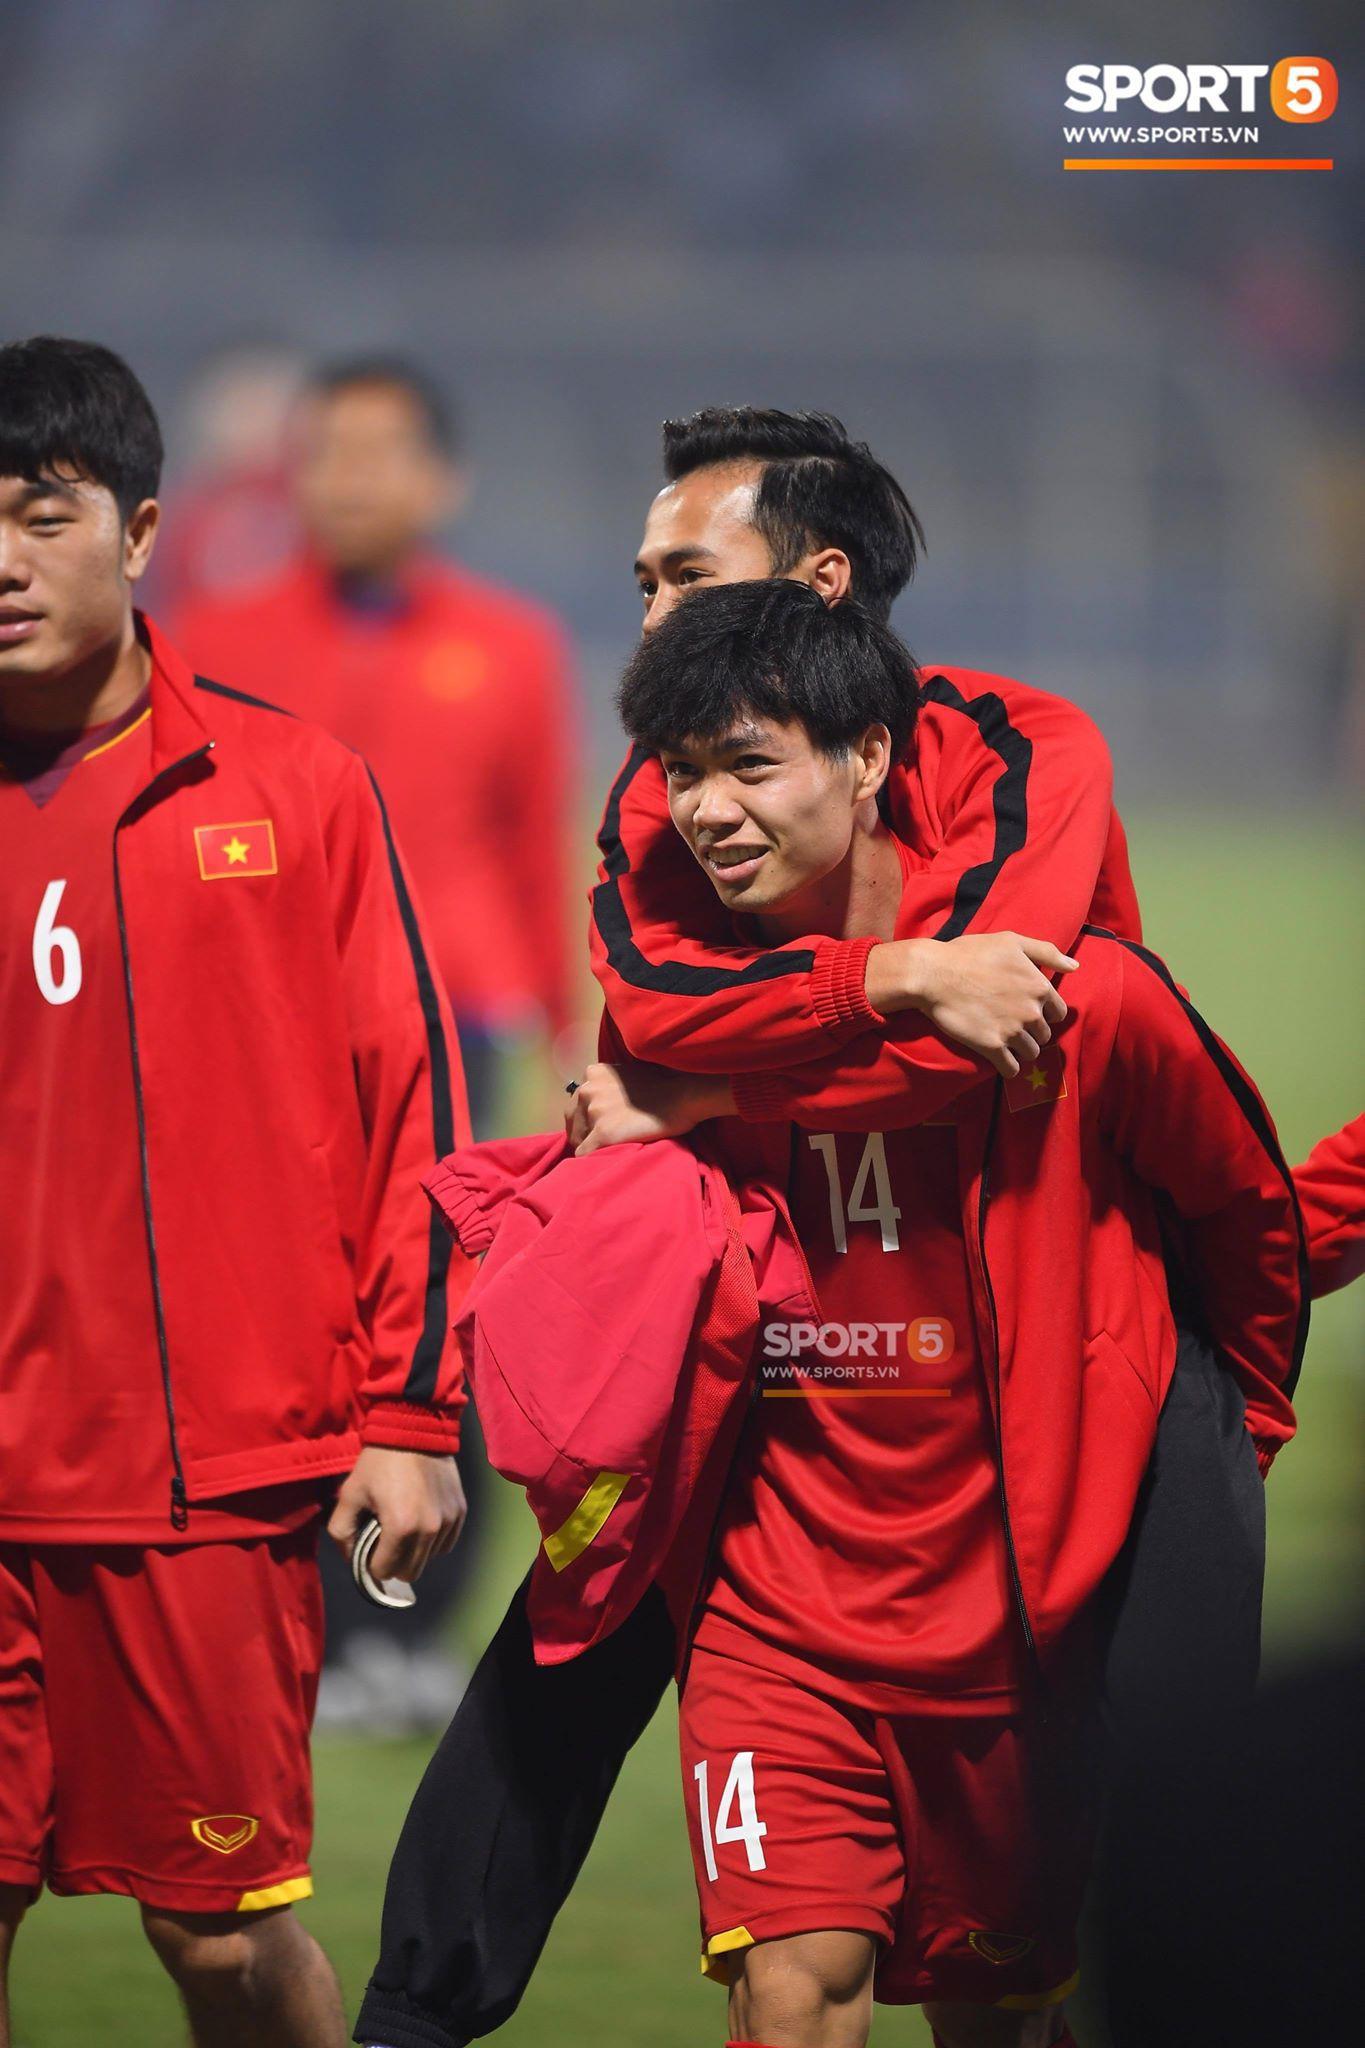 Và hôm qua (24/11) trên SVĐ Hàng Đẫy, vẫn là sự vững chãi ấy che chở cho Toàn khi anh gặp chấn thương trong ngày tuyển Việt Nam chính thức giành ngôi đầu bảng A AFF Cup 2018.